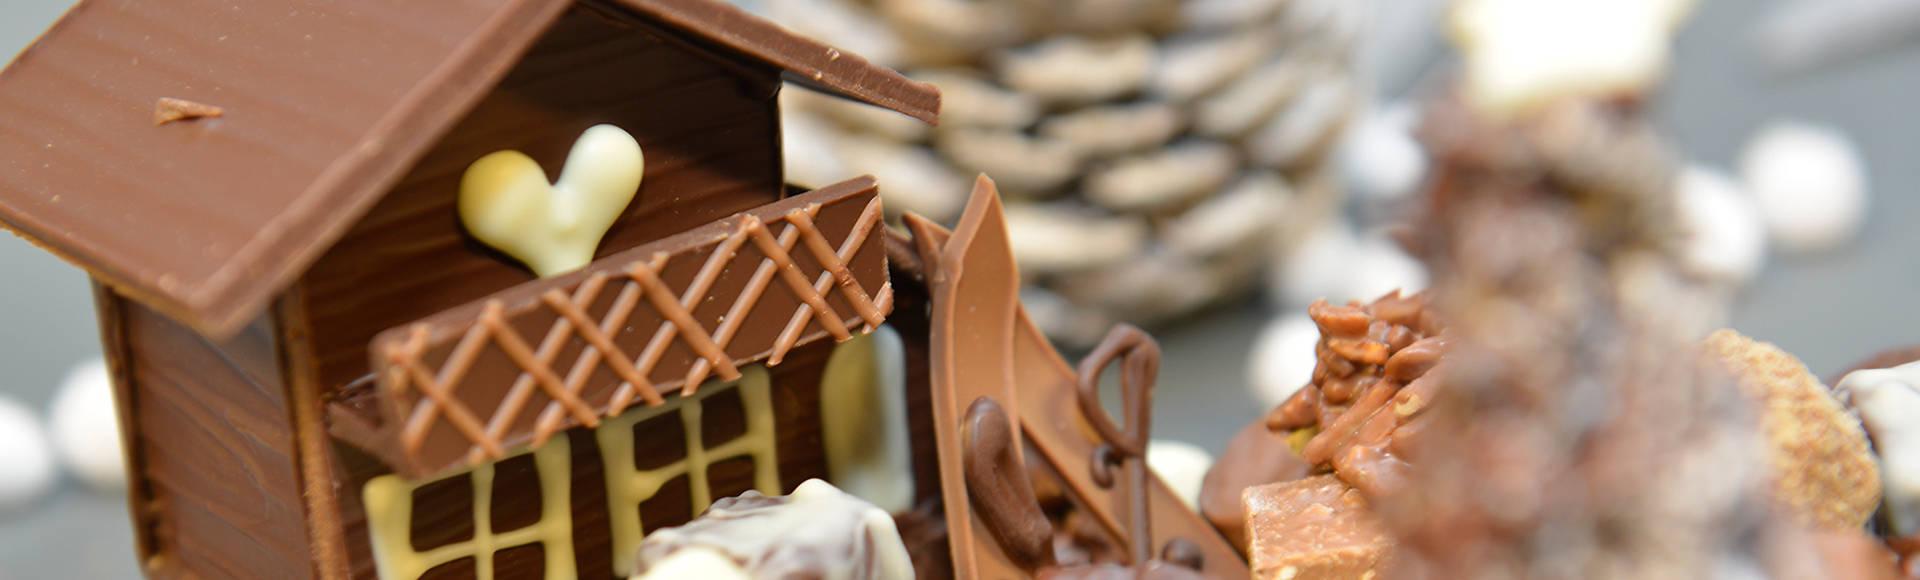 Tristan Chocolatier bannière Noël Chalet